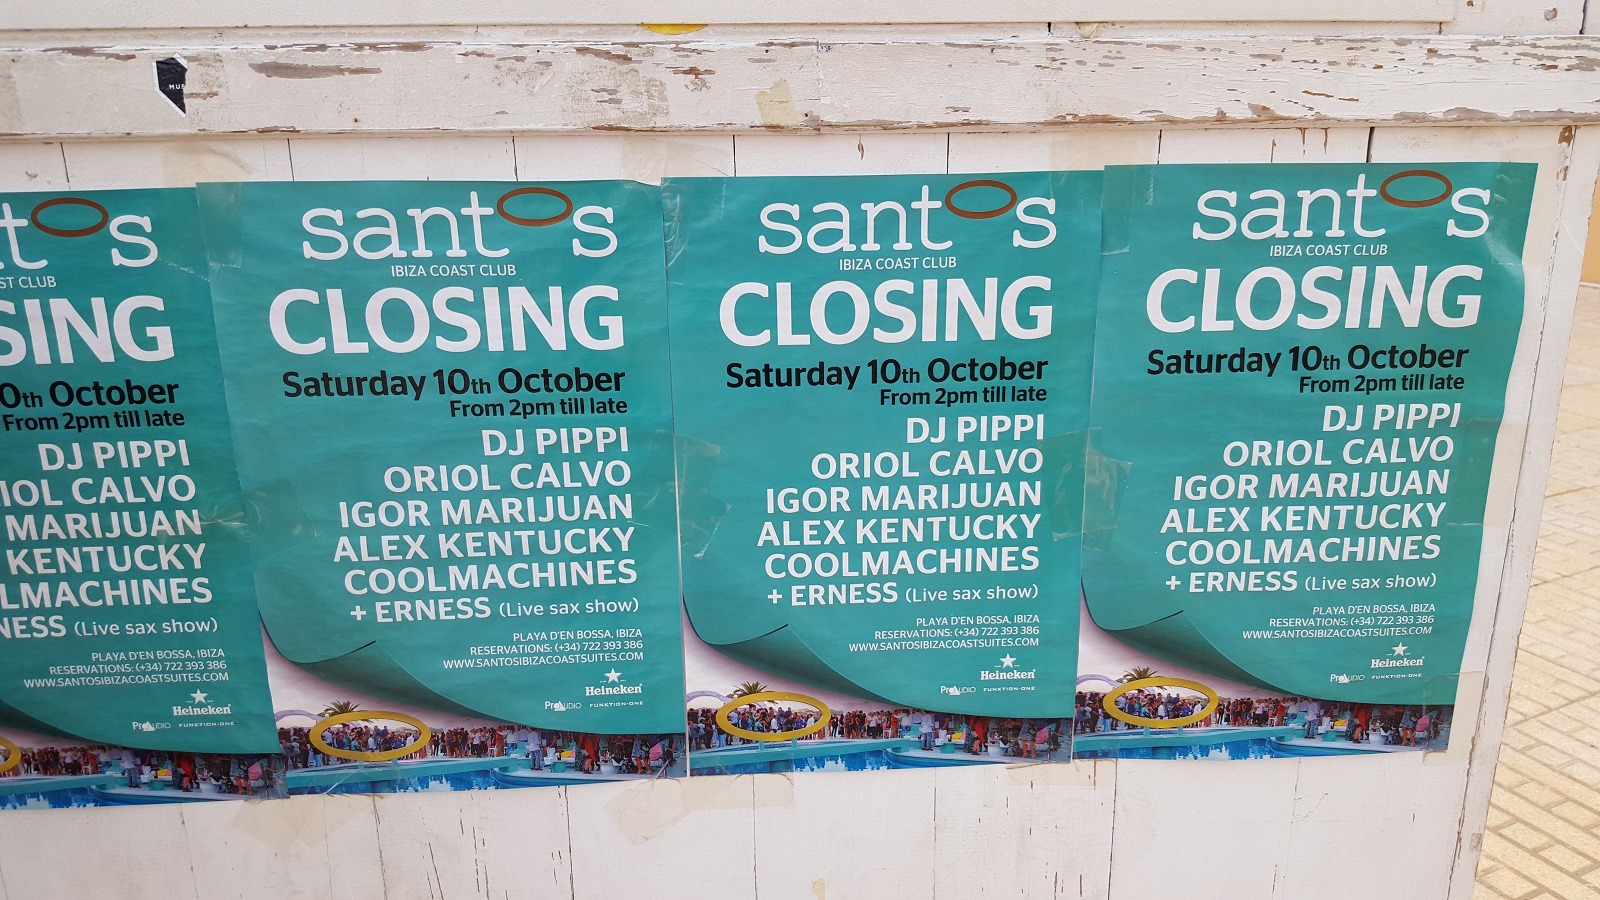 ibiza affiche closing small